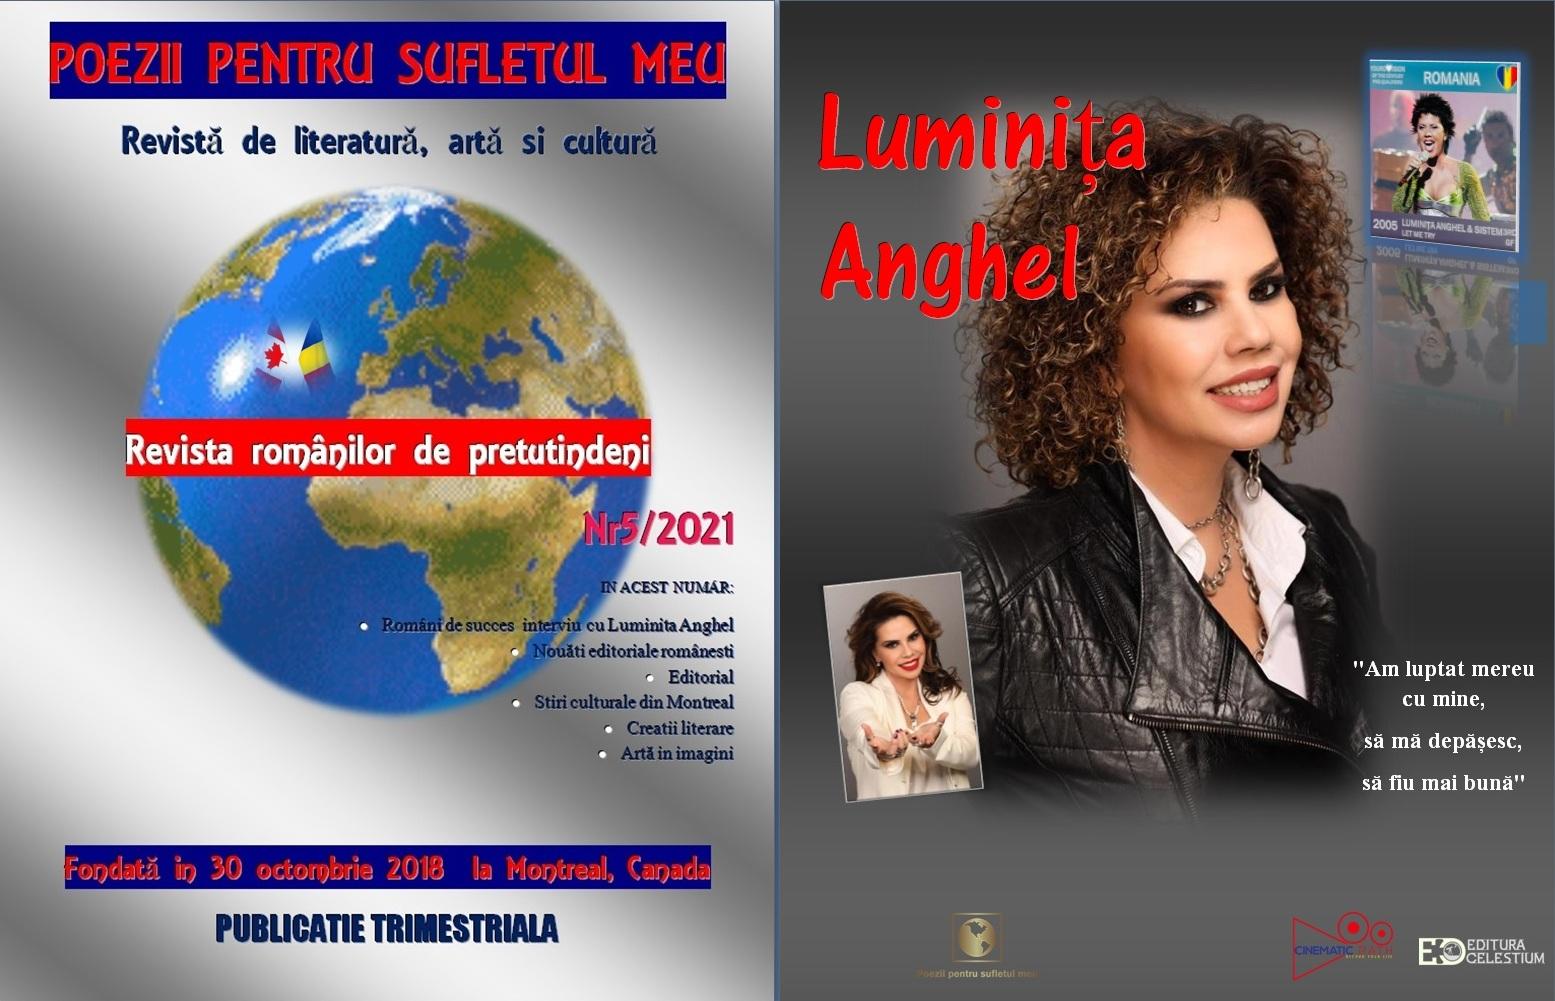 REVISTA NR 5 Luminita Anghel - Copy